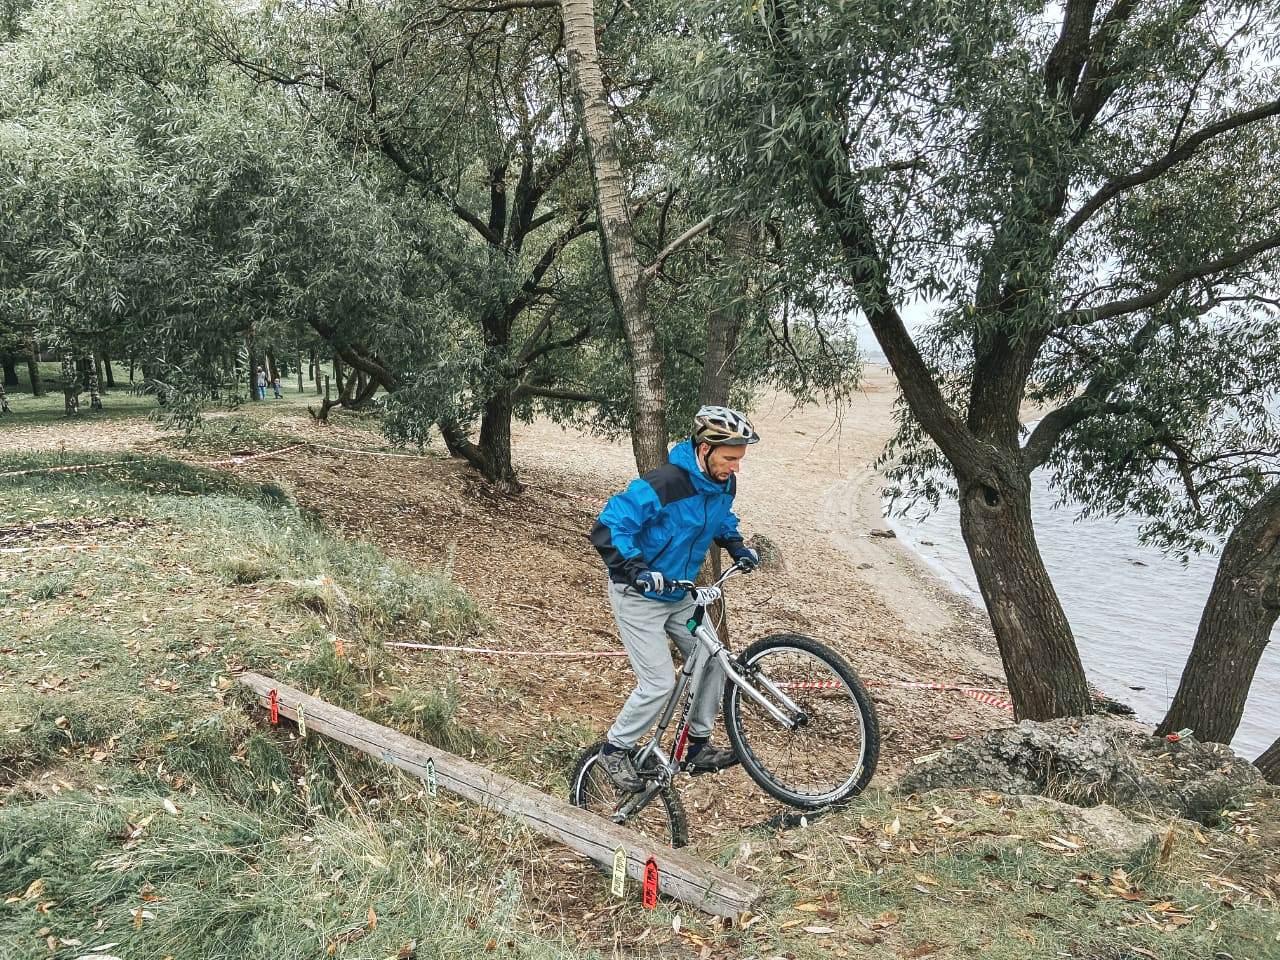 Спортсмены из трех регионов показали свое мастерство на соревнованиях по велотриалу в Ярославле